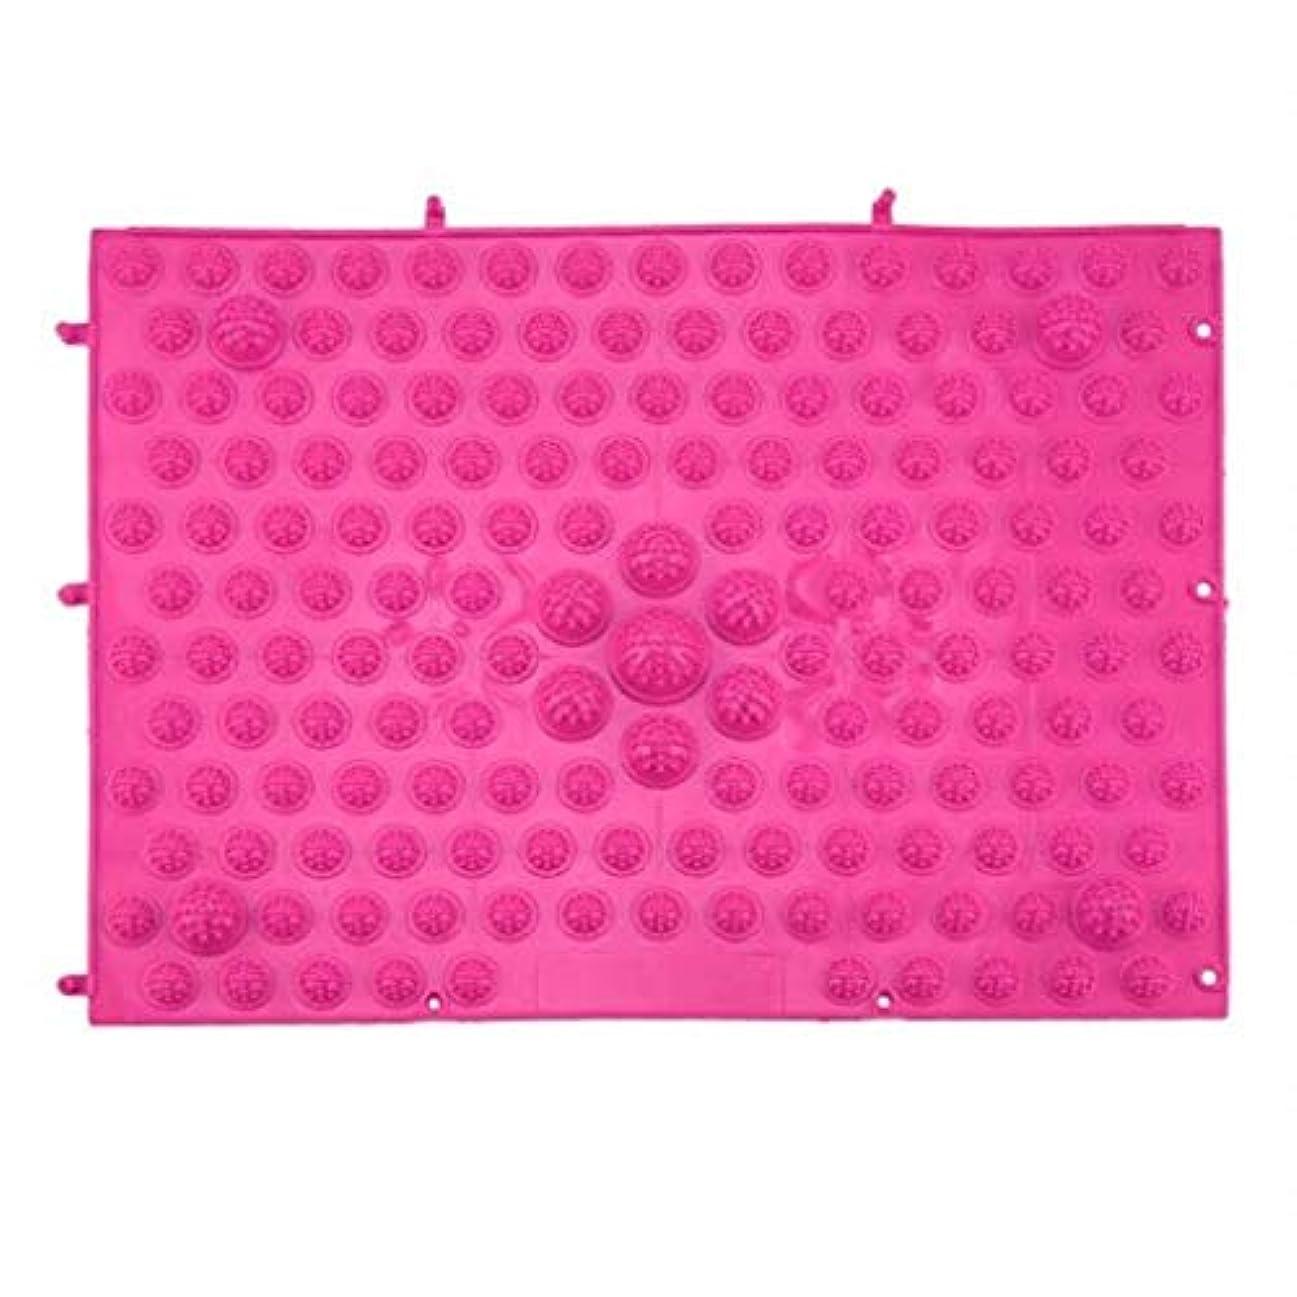 リーダーシップ予防接種活性化するマッサージクッション、指圧フットパッド、リフレクソロジーウォーキングマッサージパッド、痛みを和らげ、筋肉をリラックス37x27.5cm (Color : Rose Red)